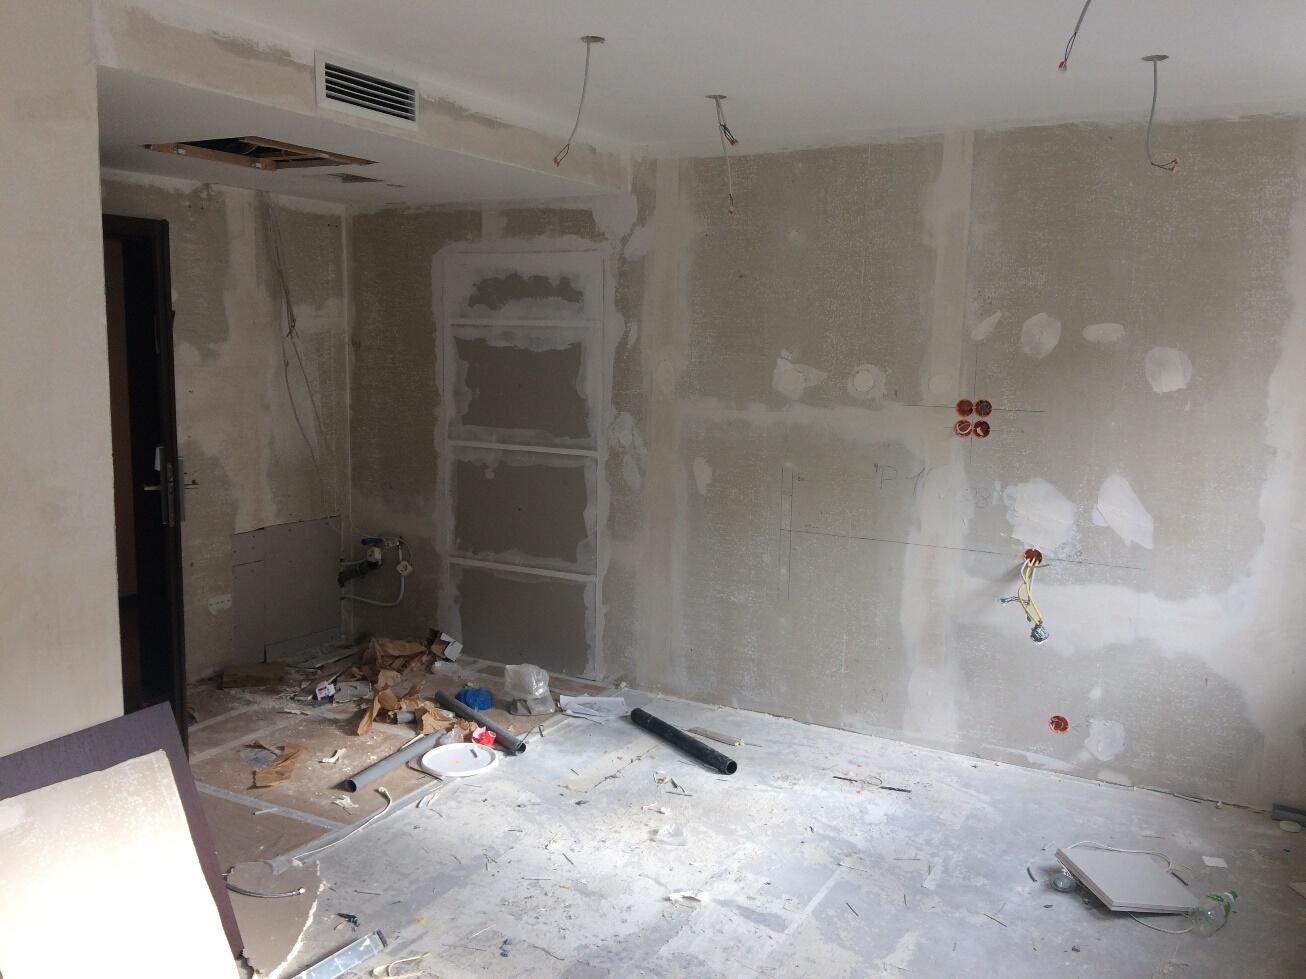 Neue Zimmer für das Schiller5 - SCHILLER 5 - Das @was andere Hotel ...